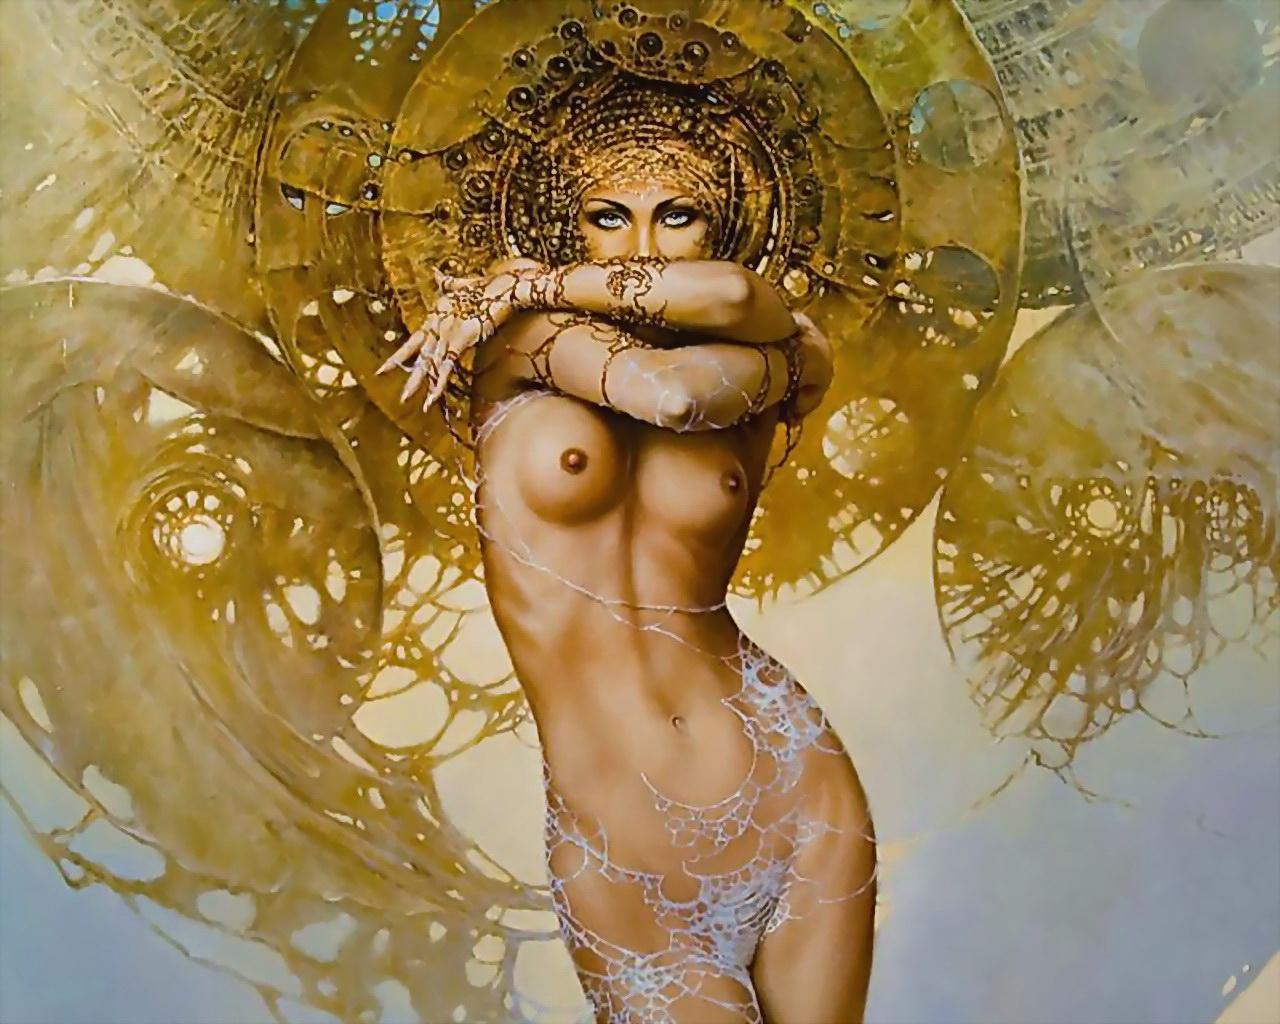 Бал Континента. Экзотические наряды fantasy_girls_1657